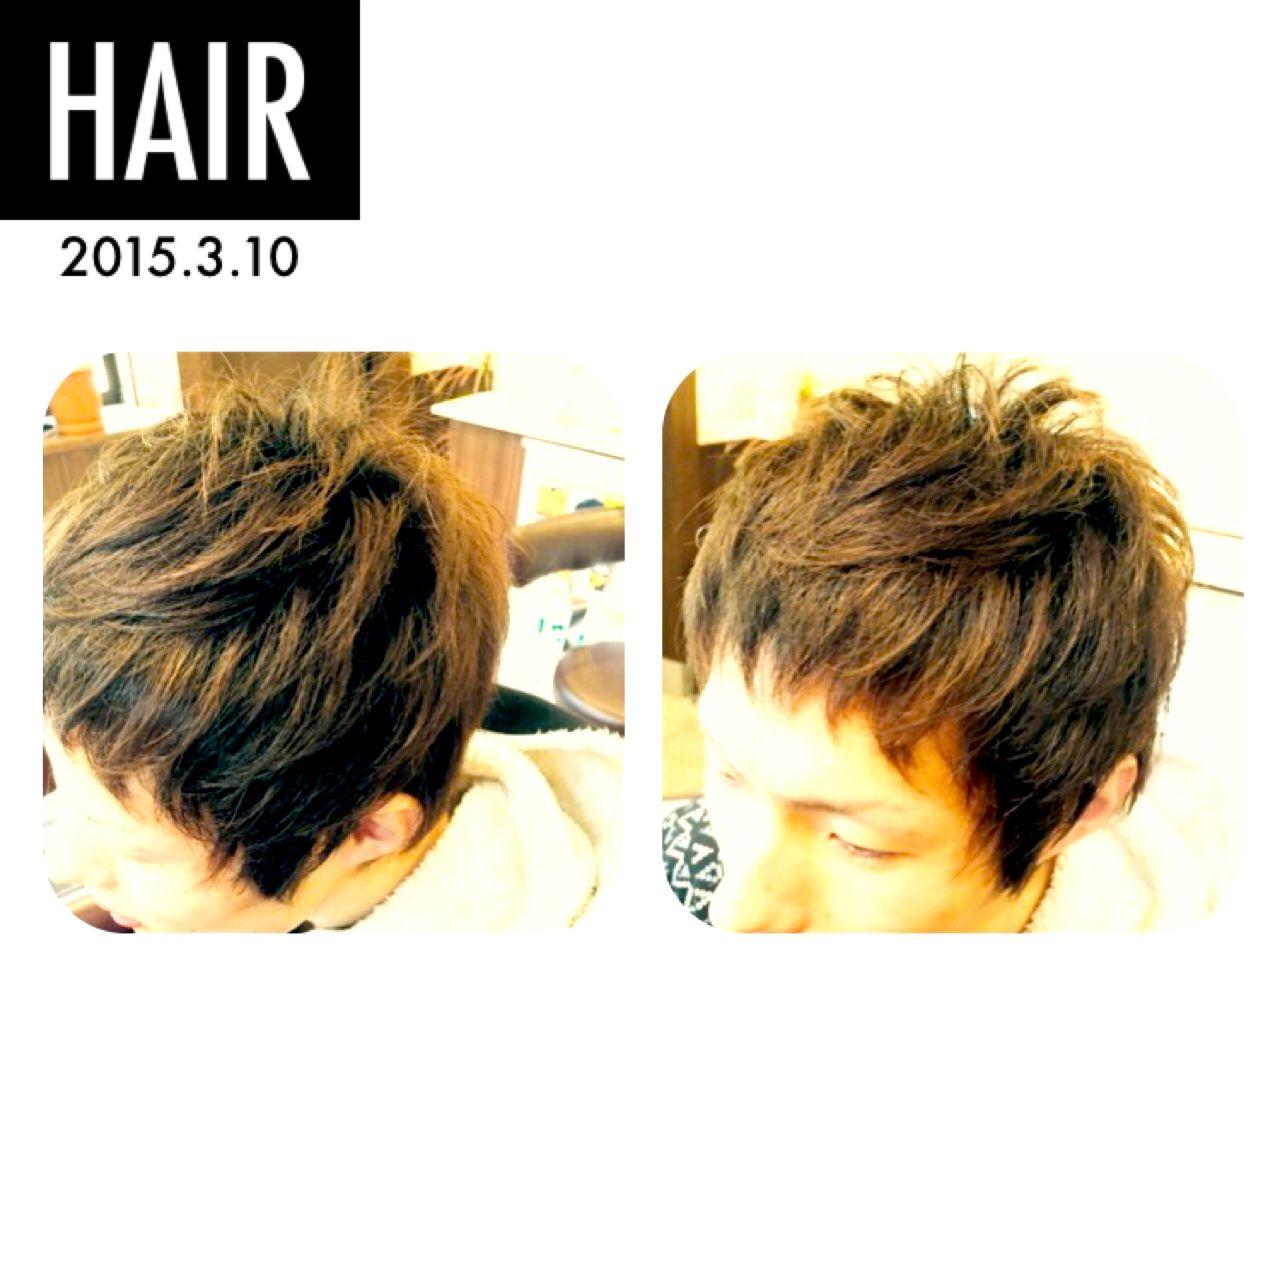 パーマ ボーイッシュ ショート メンズヘアスタイルや髪型の写真・画像